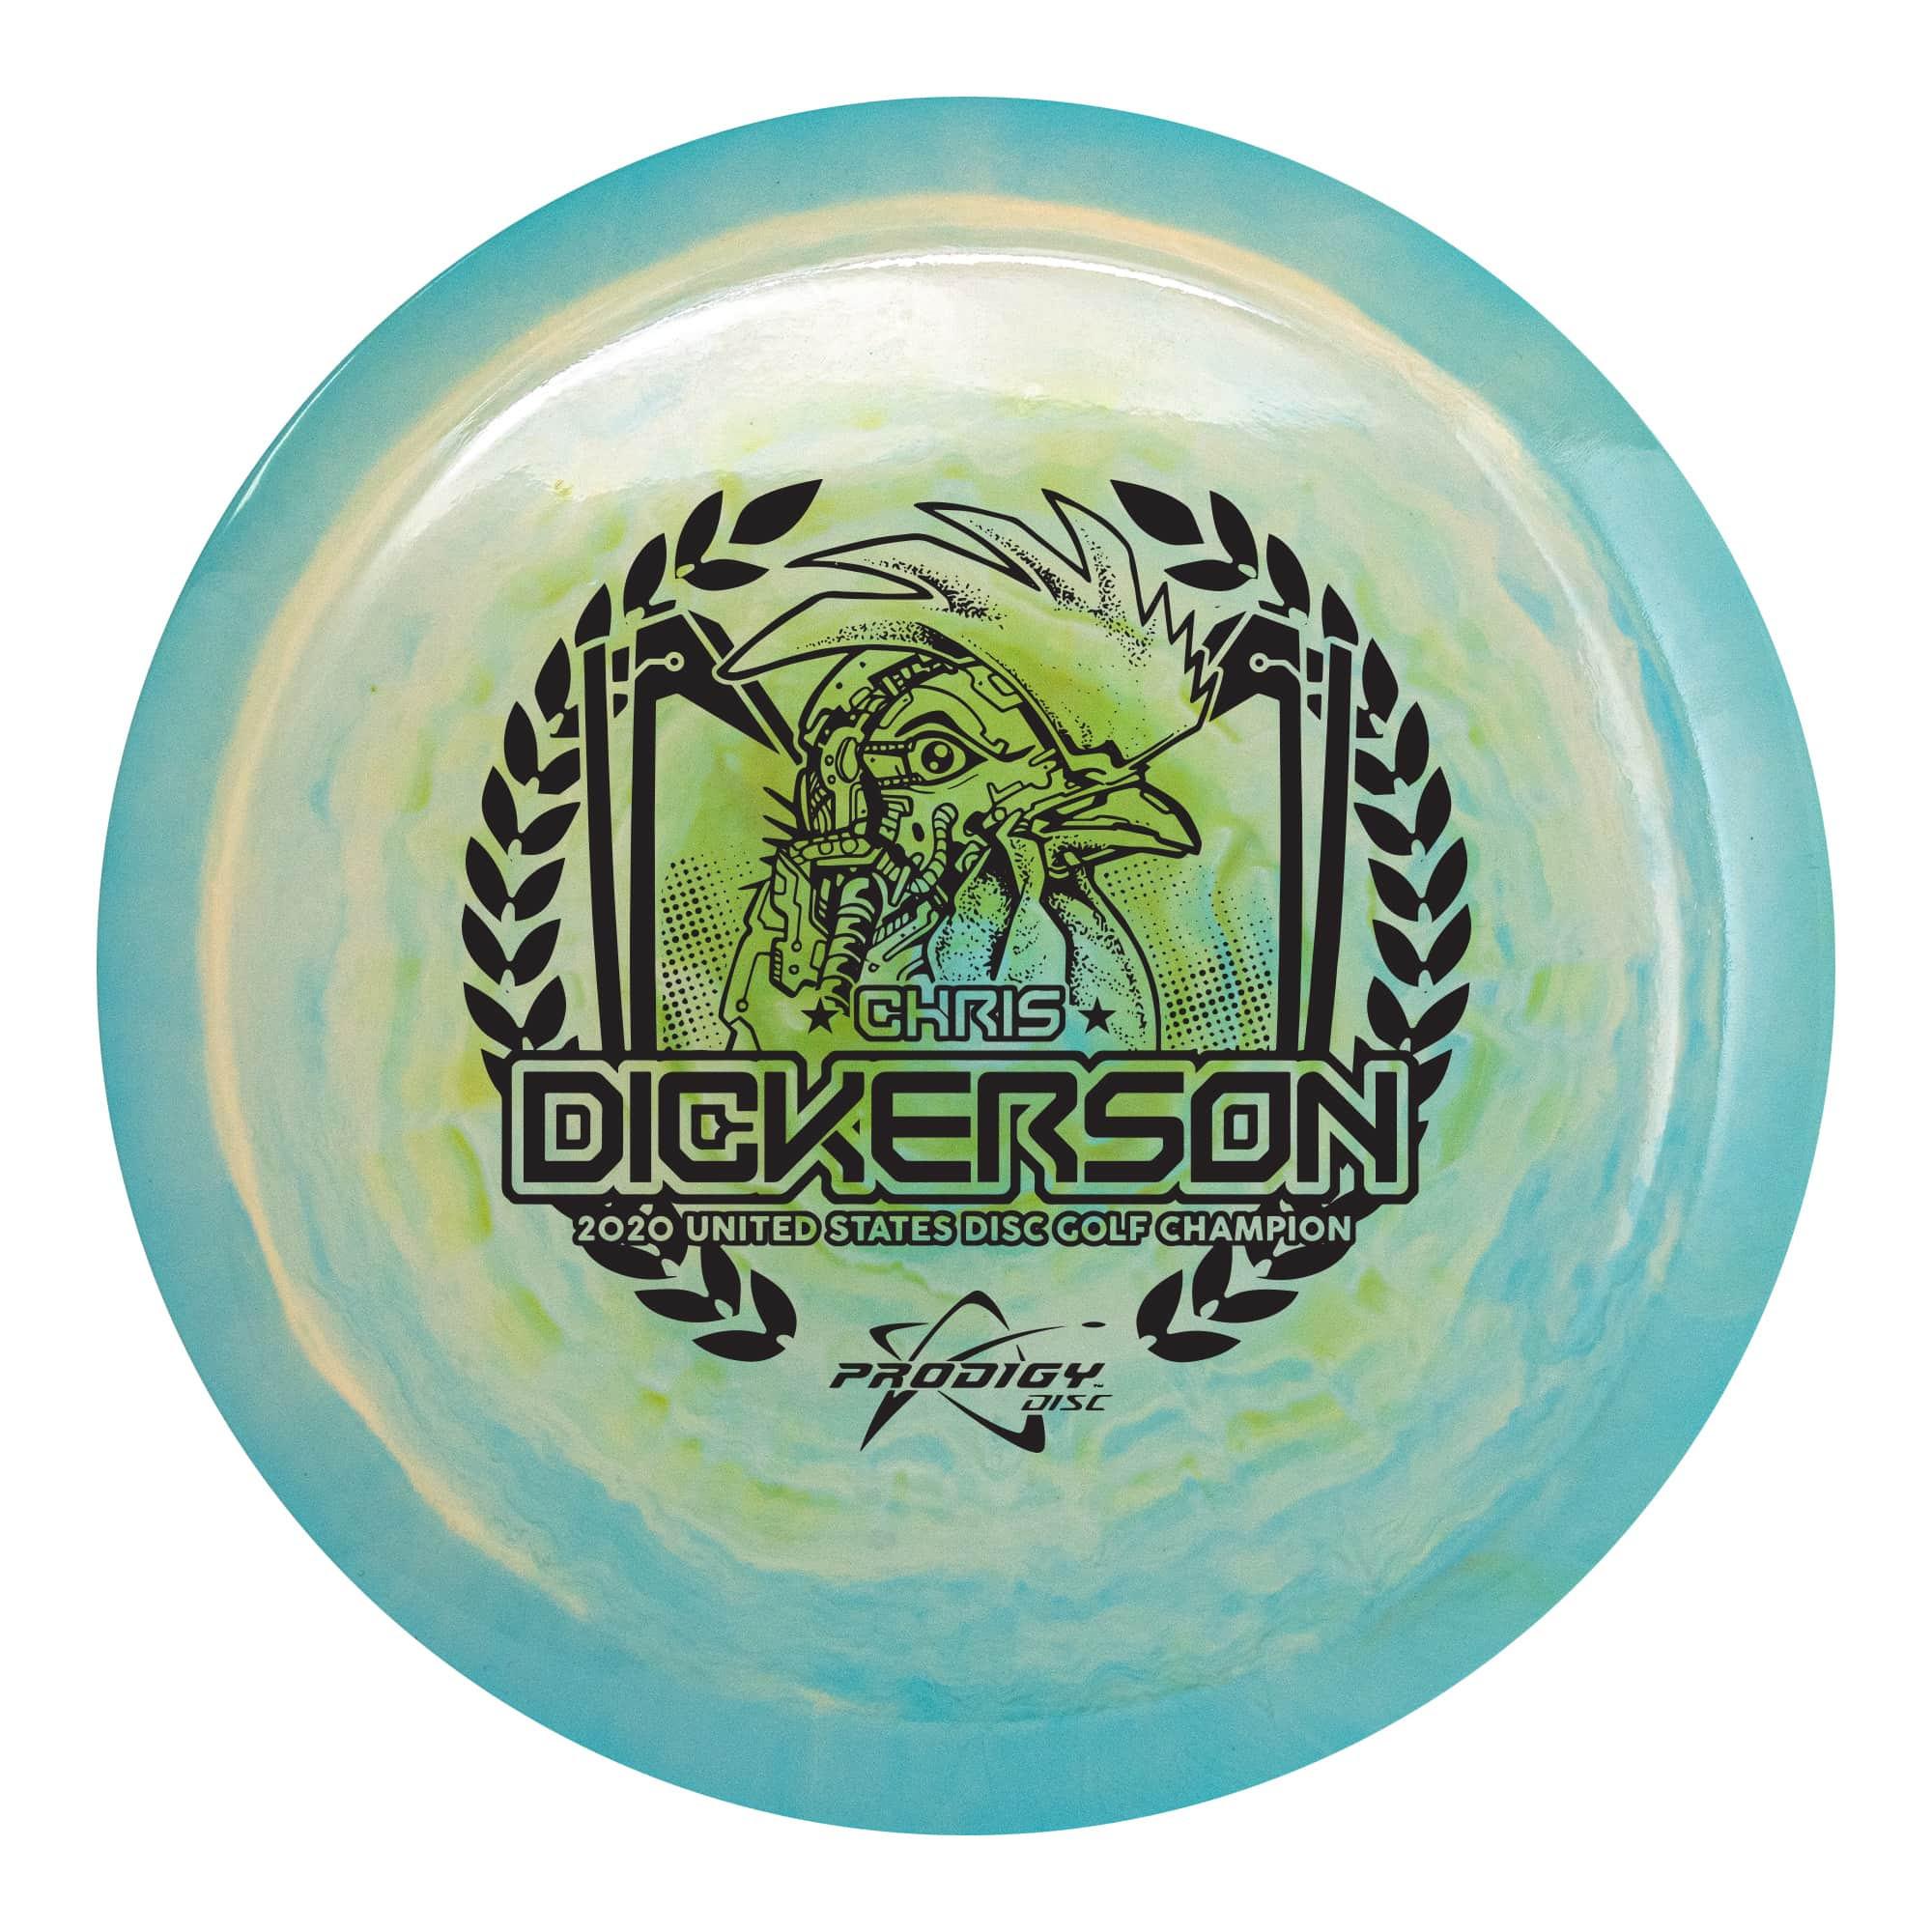 Prodigy 750 Spectrum FX-2 Chis Dickerson USDGC Champion Stamp